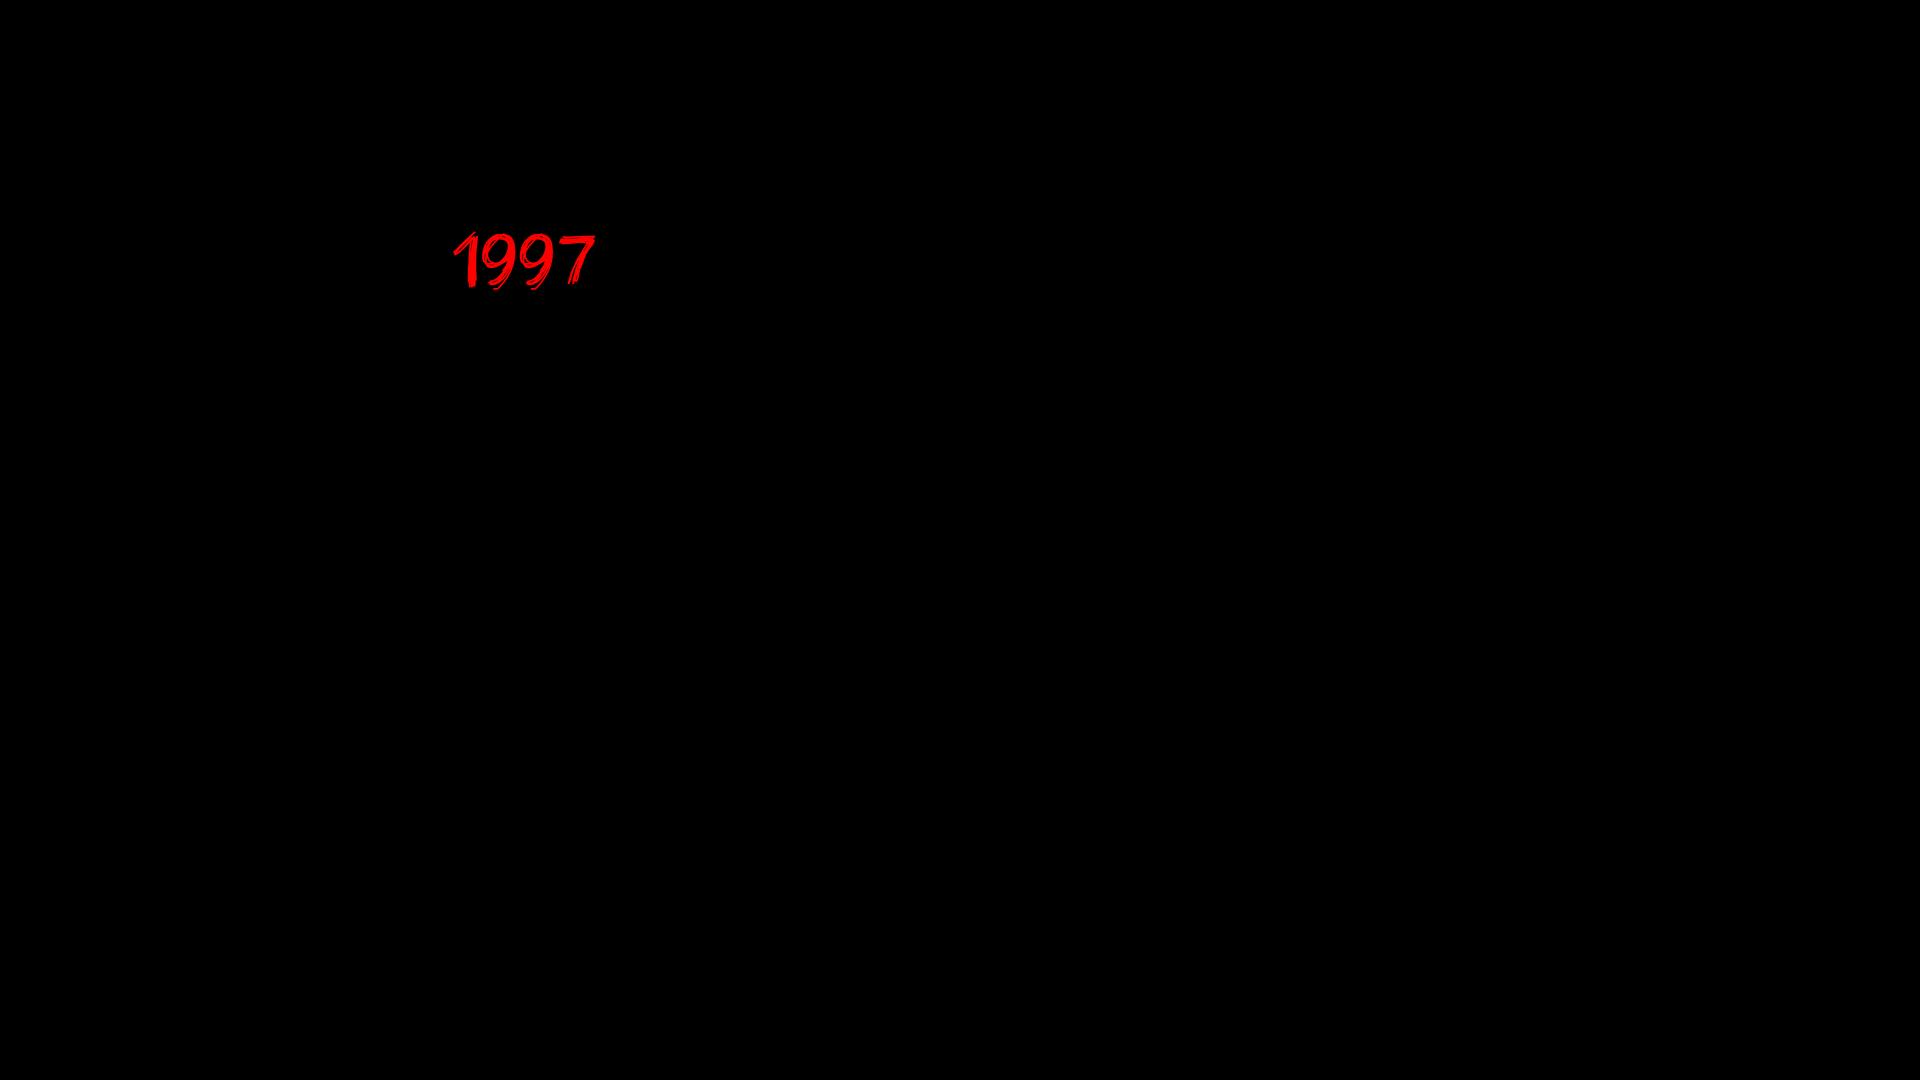 1997 in Herzlich Willkommen